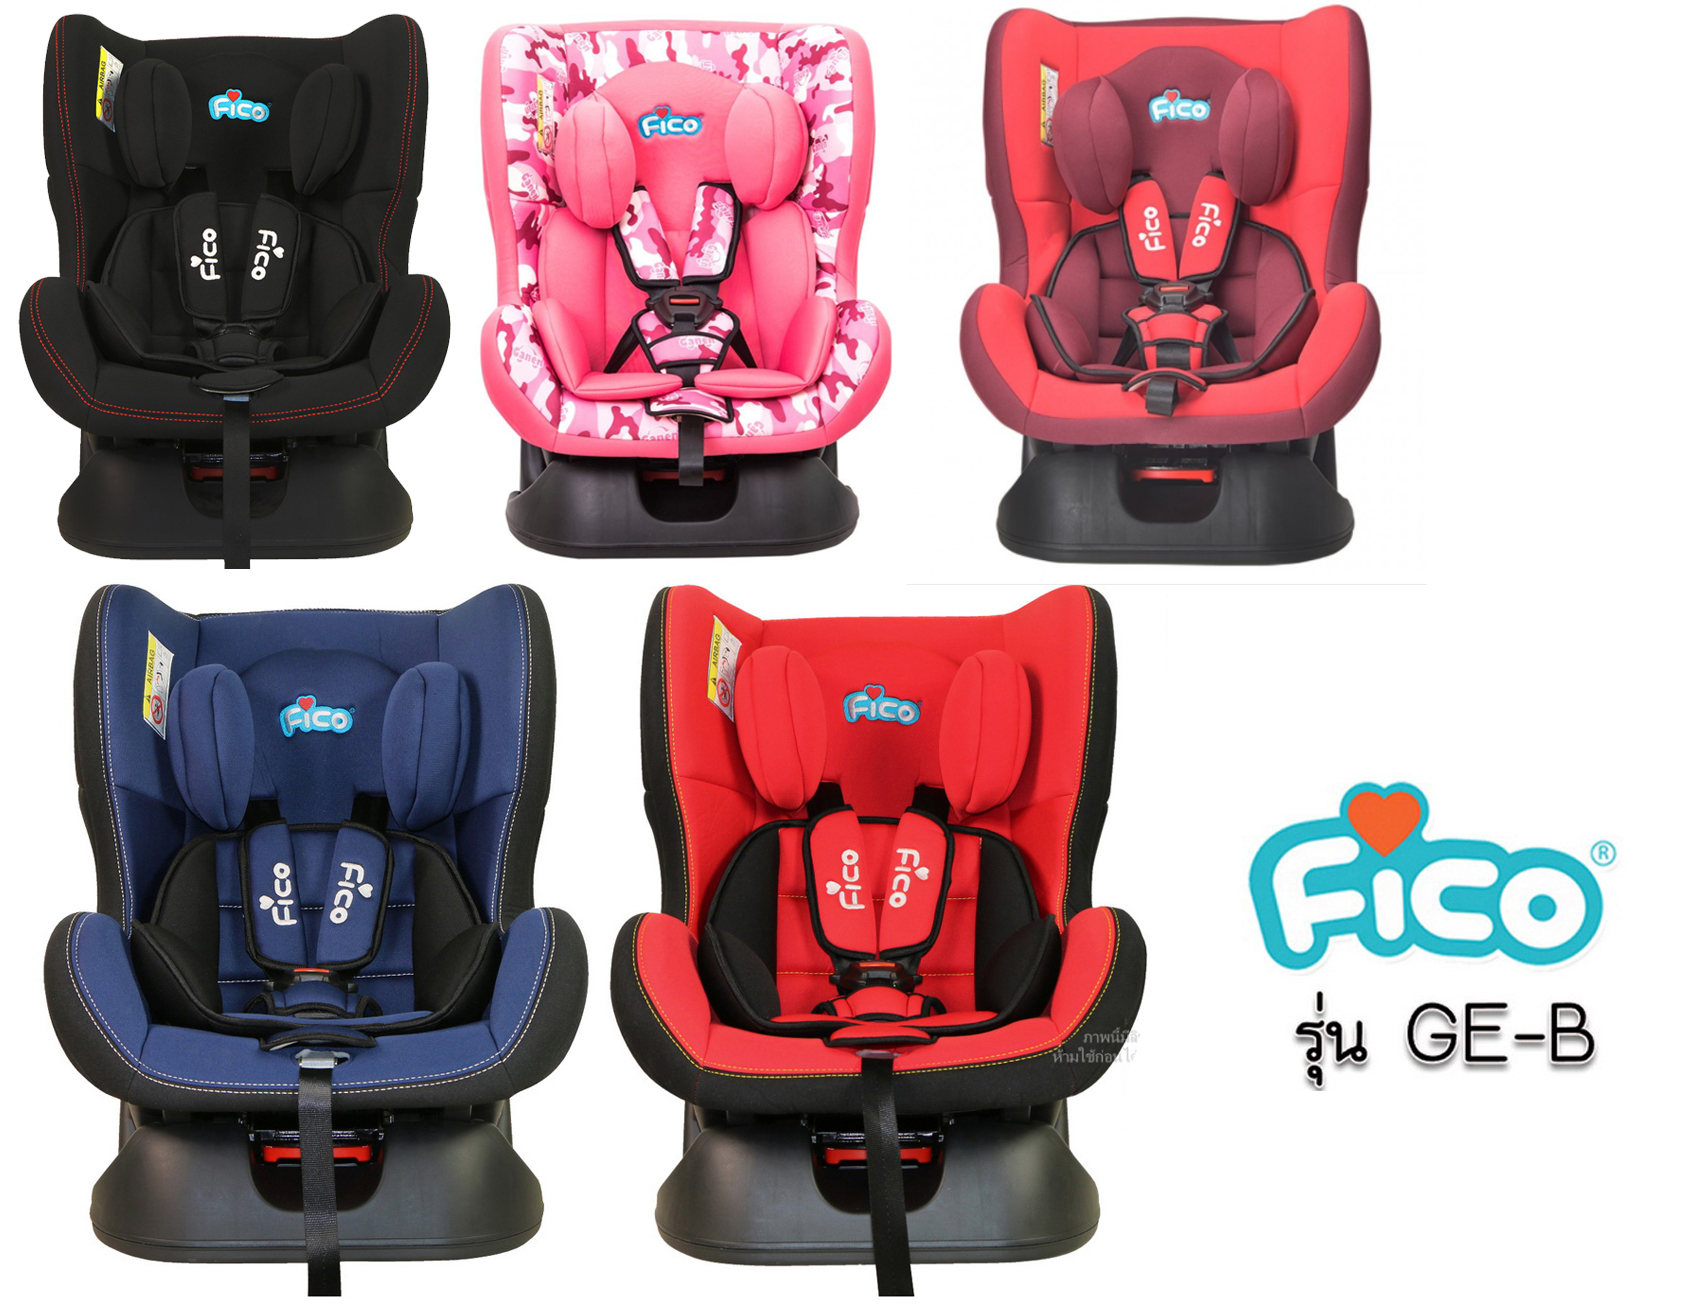 คาร์ซีท Fico เบาะรถยนต์นิรภัยสำหรับเด็ก รุ่น GE-B [สำหรับแรกเกิด - 4ขวบ]